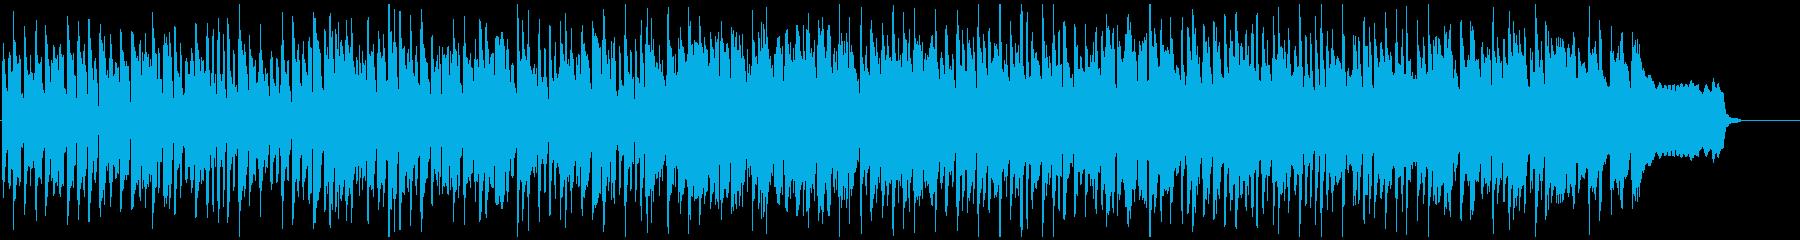 陽気な子供が走っていくようなリコーダー曲の再生済みの波形